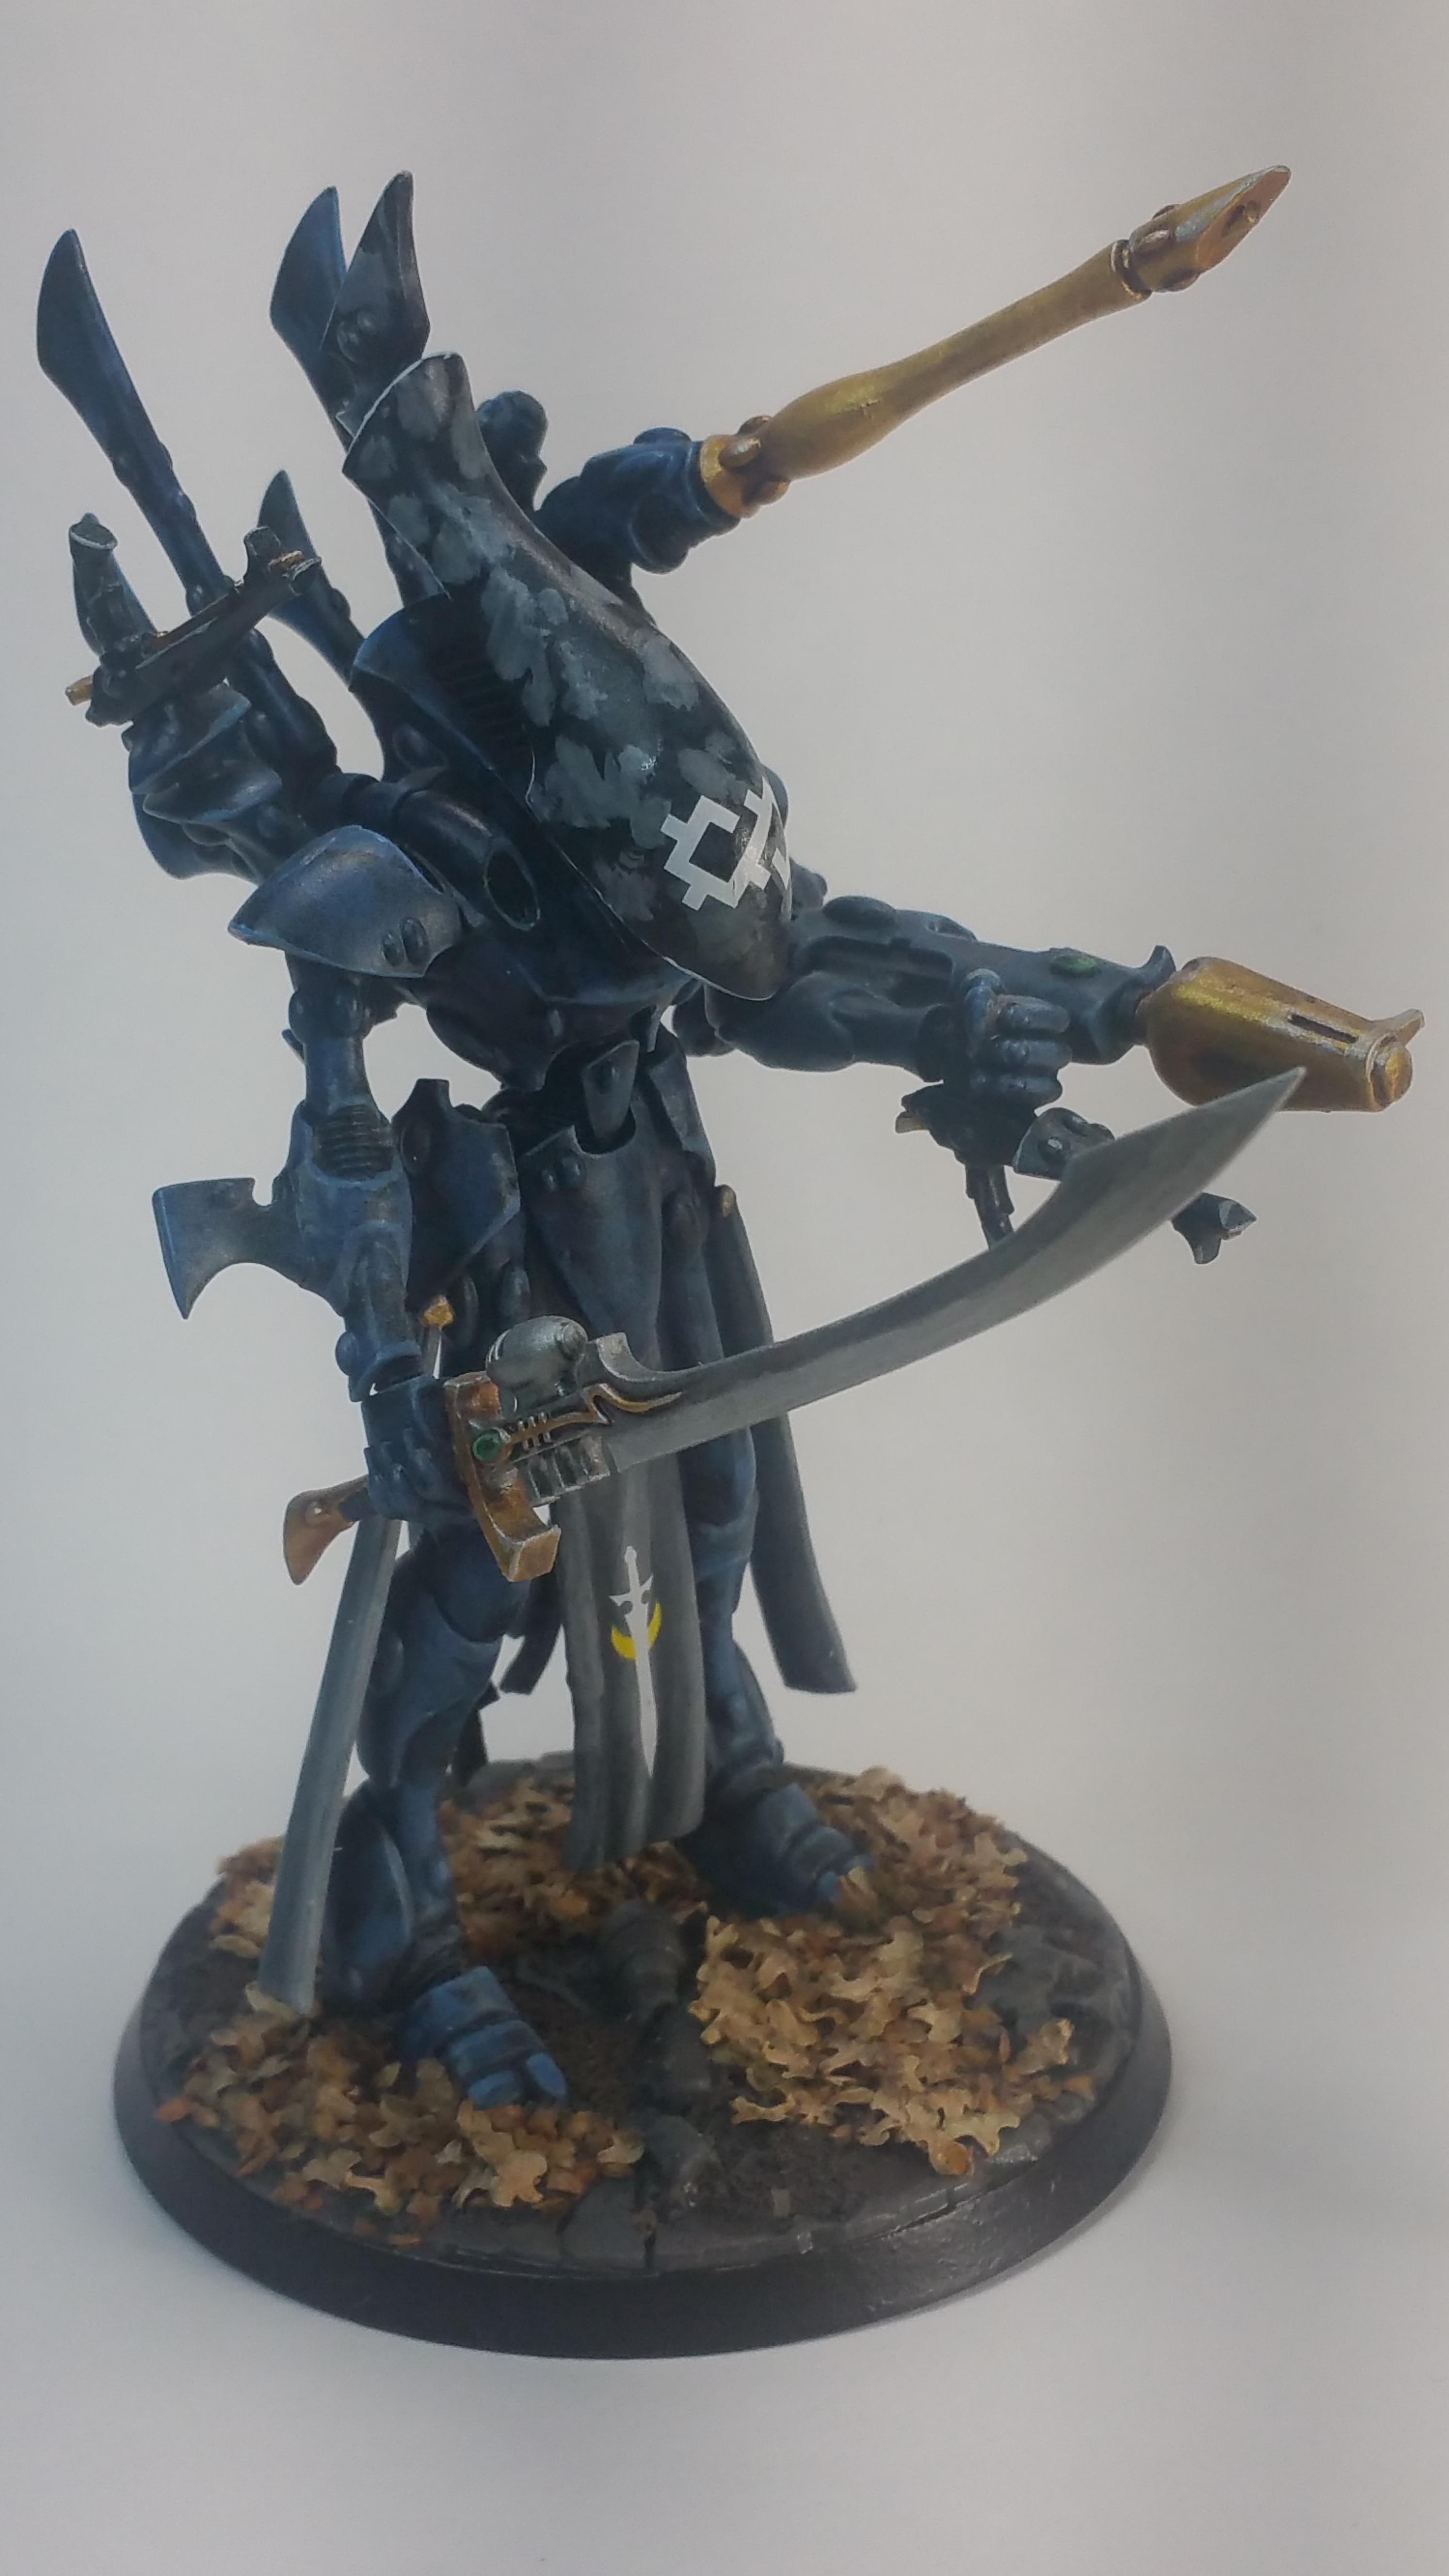 Camouflage, Eldar, Monster, Warhammer 40,000, Wraithlord